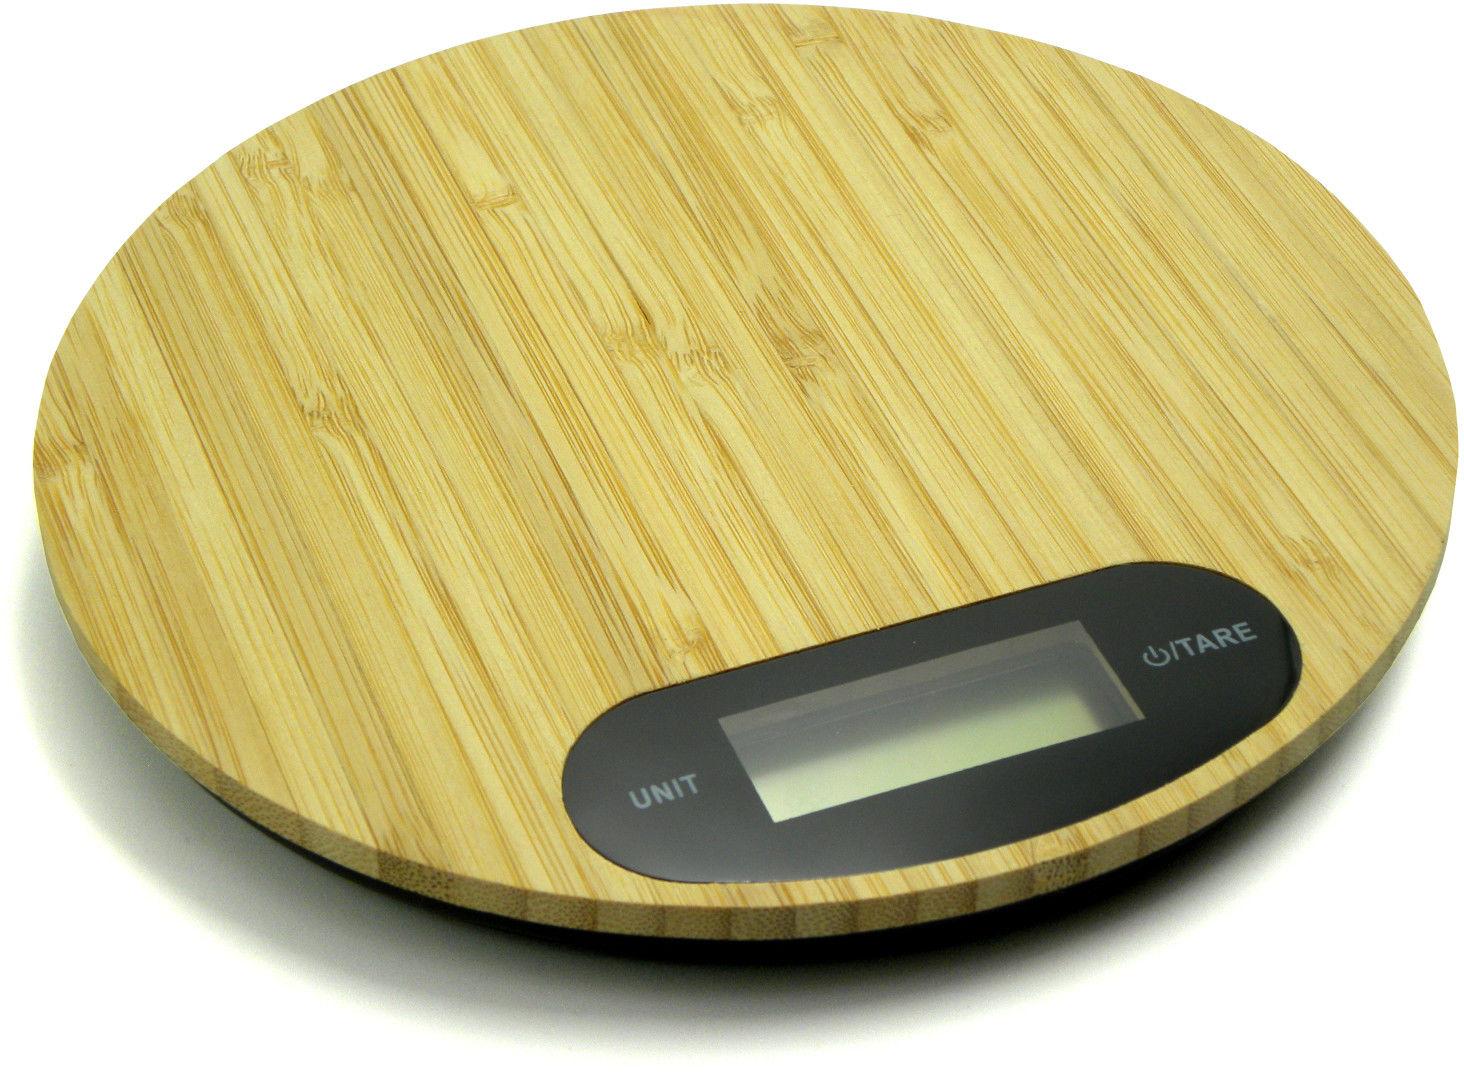 Waga kuchenna bambusowa okrągła 5kg LCD 18.5x18.5cm (GH03003)